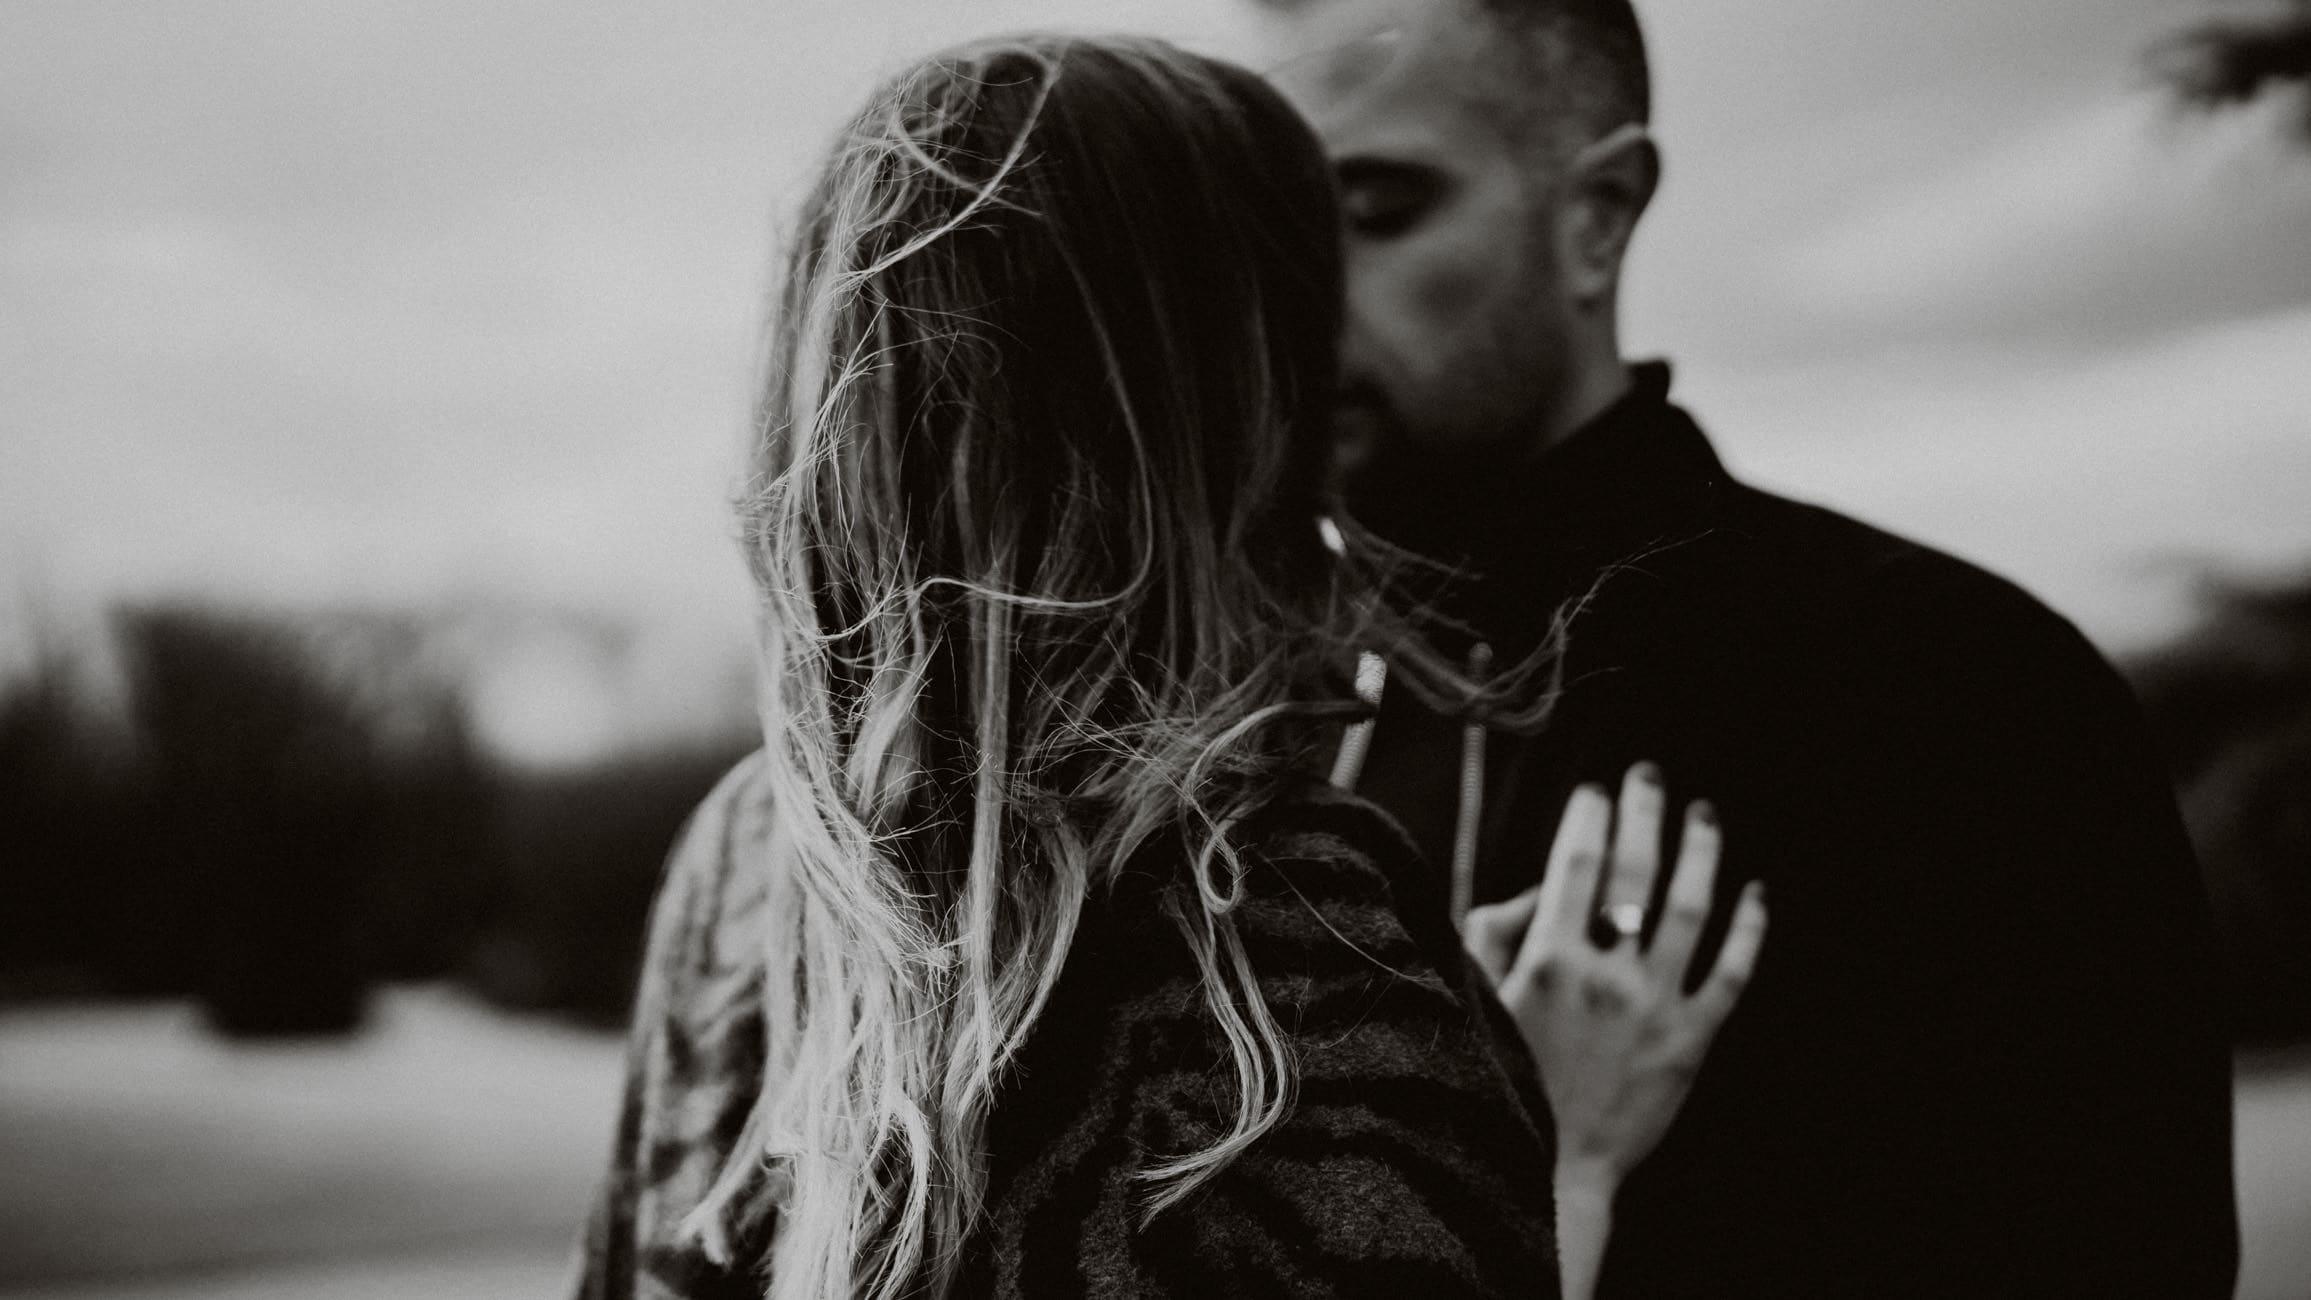 séance photo de couple par samantha guillon photographe mariage elopement